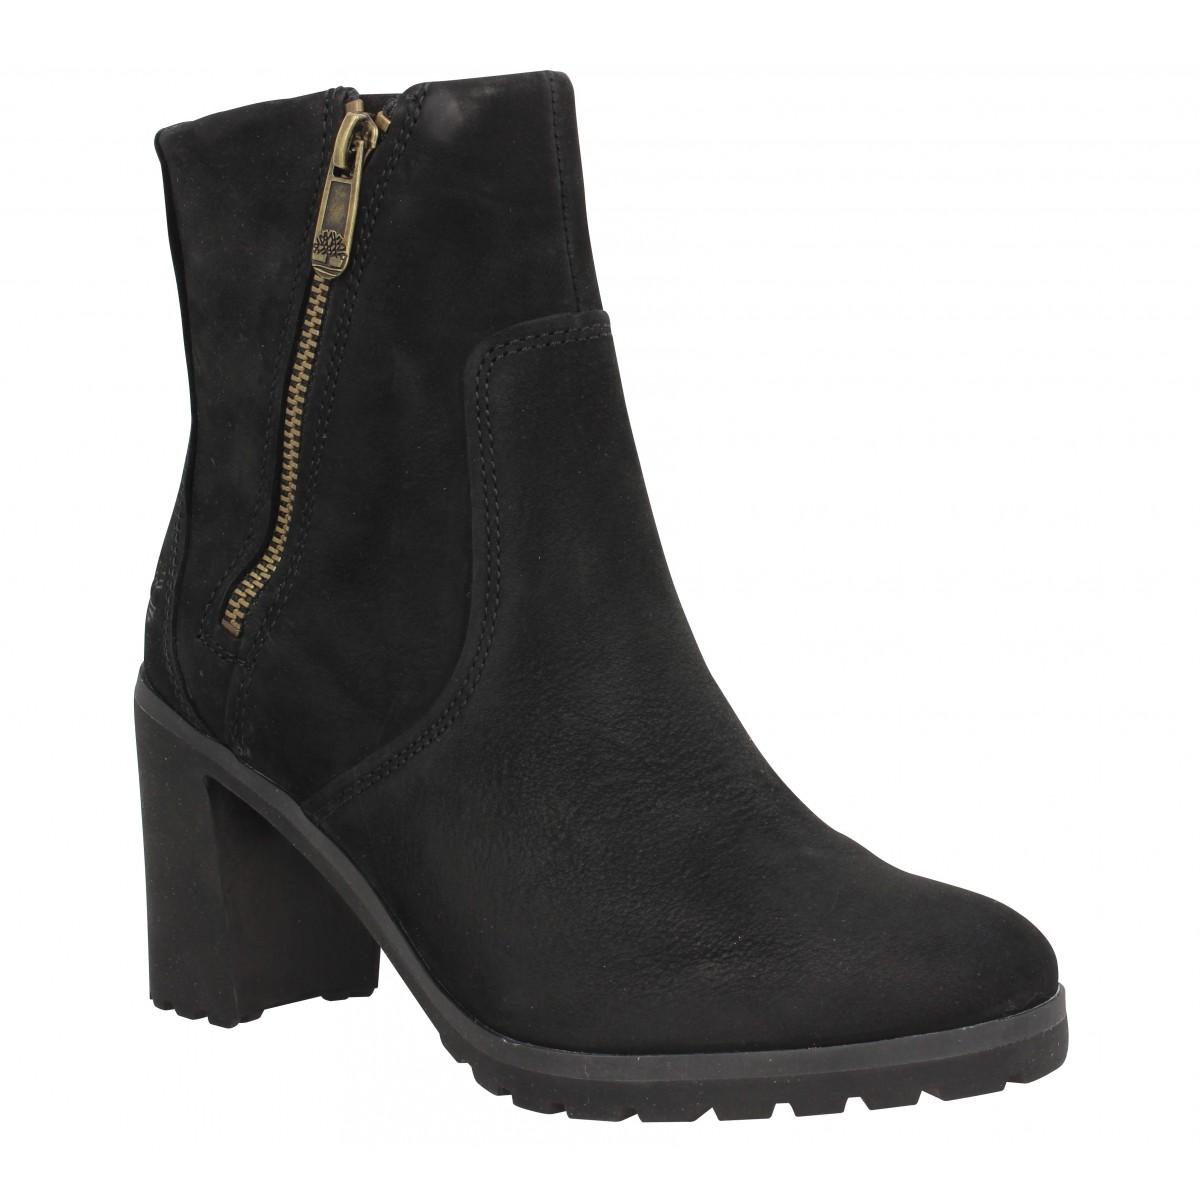 Bottines TIMBERLAND Allington Ankle Boot velours Femme Noir